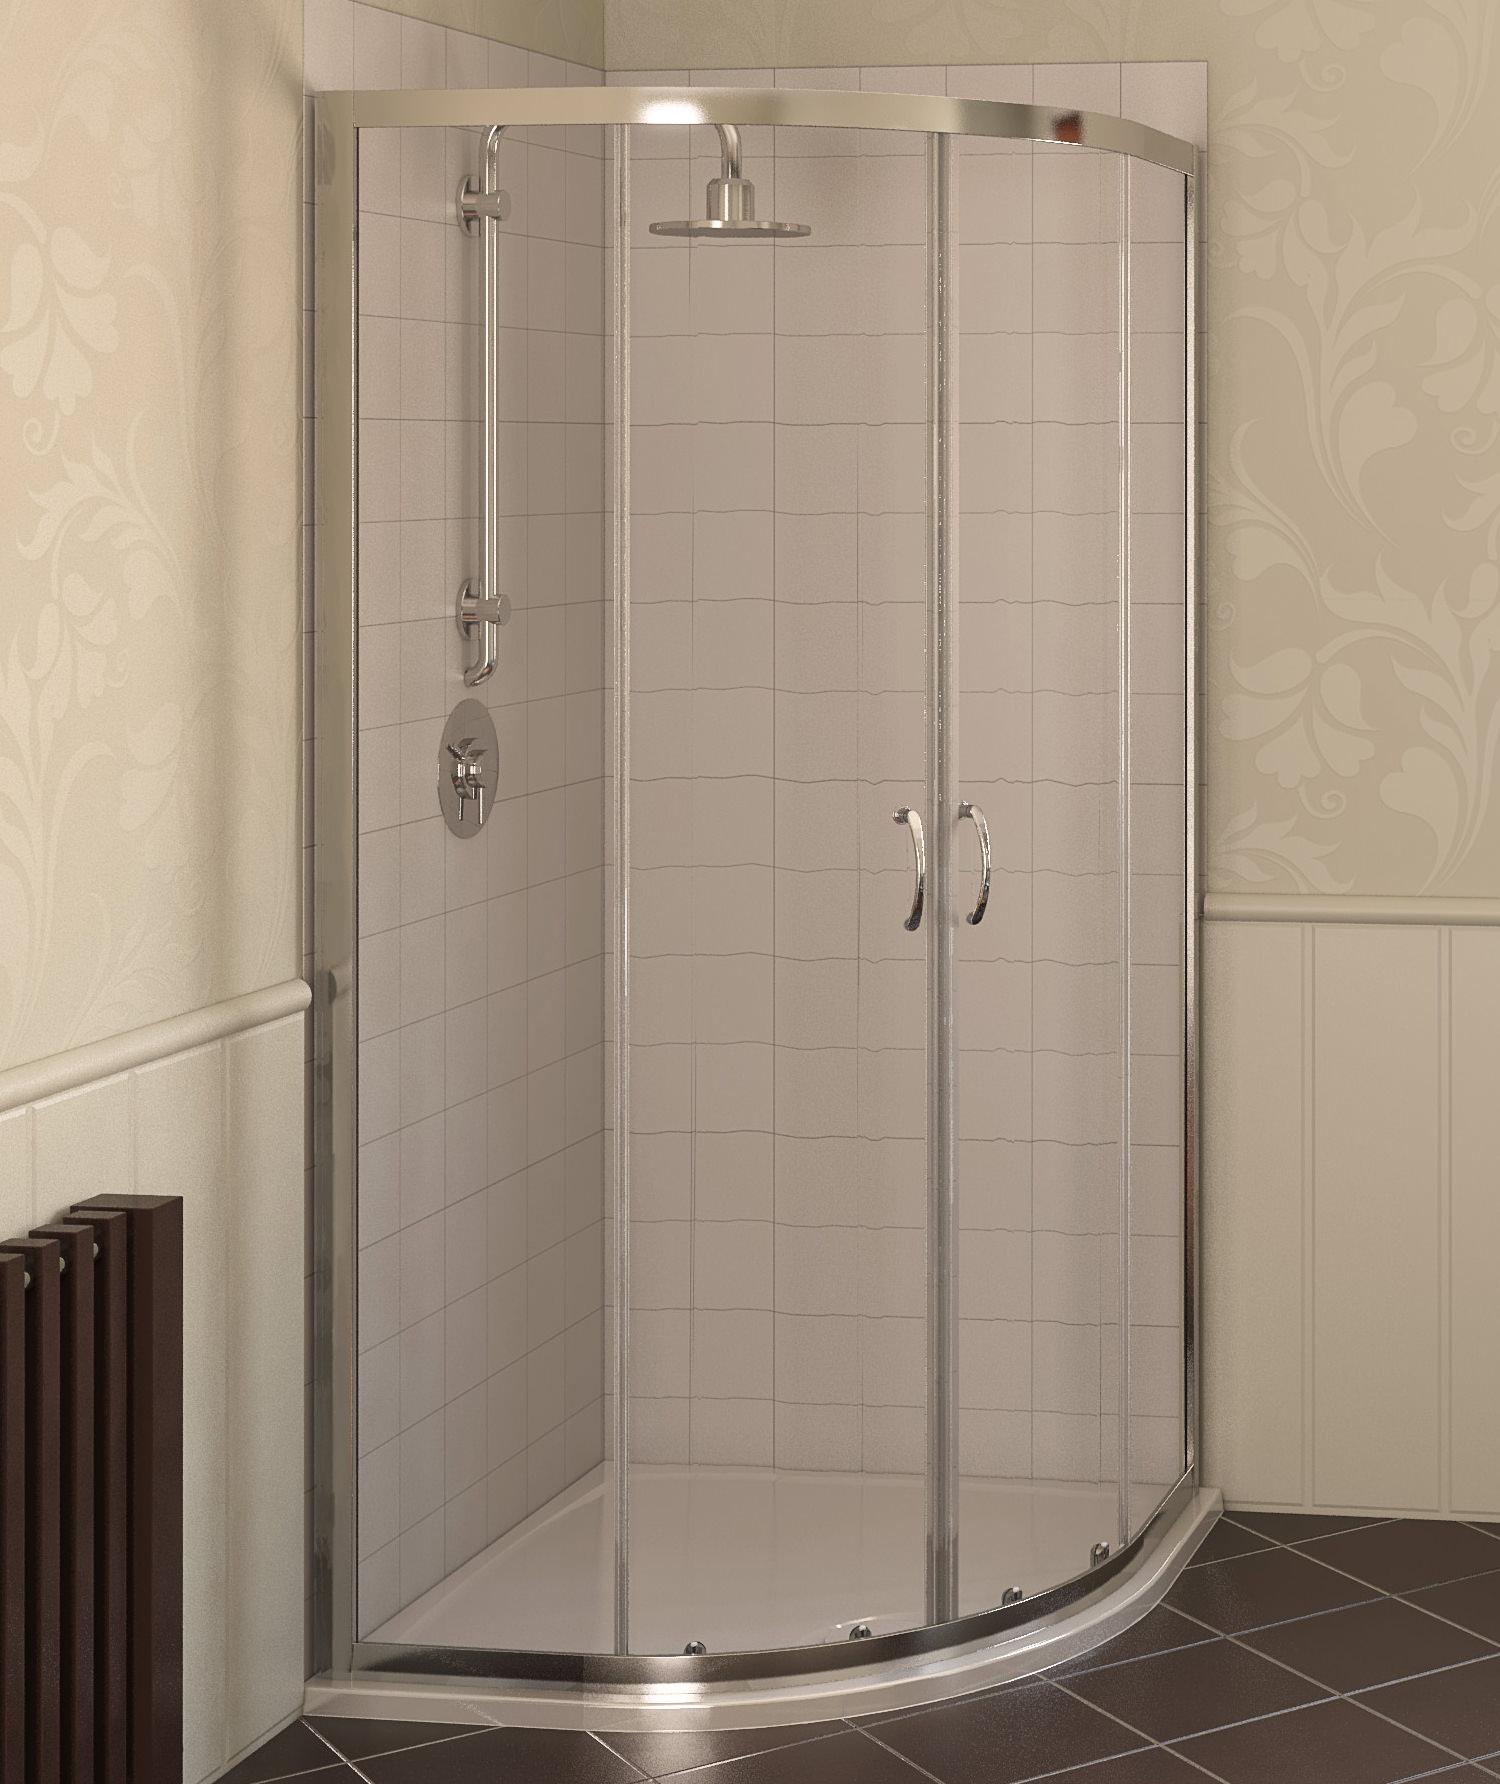 Aqualux Aqua 4 900 x 900mm Quadrant Shower Enclosure - White